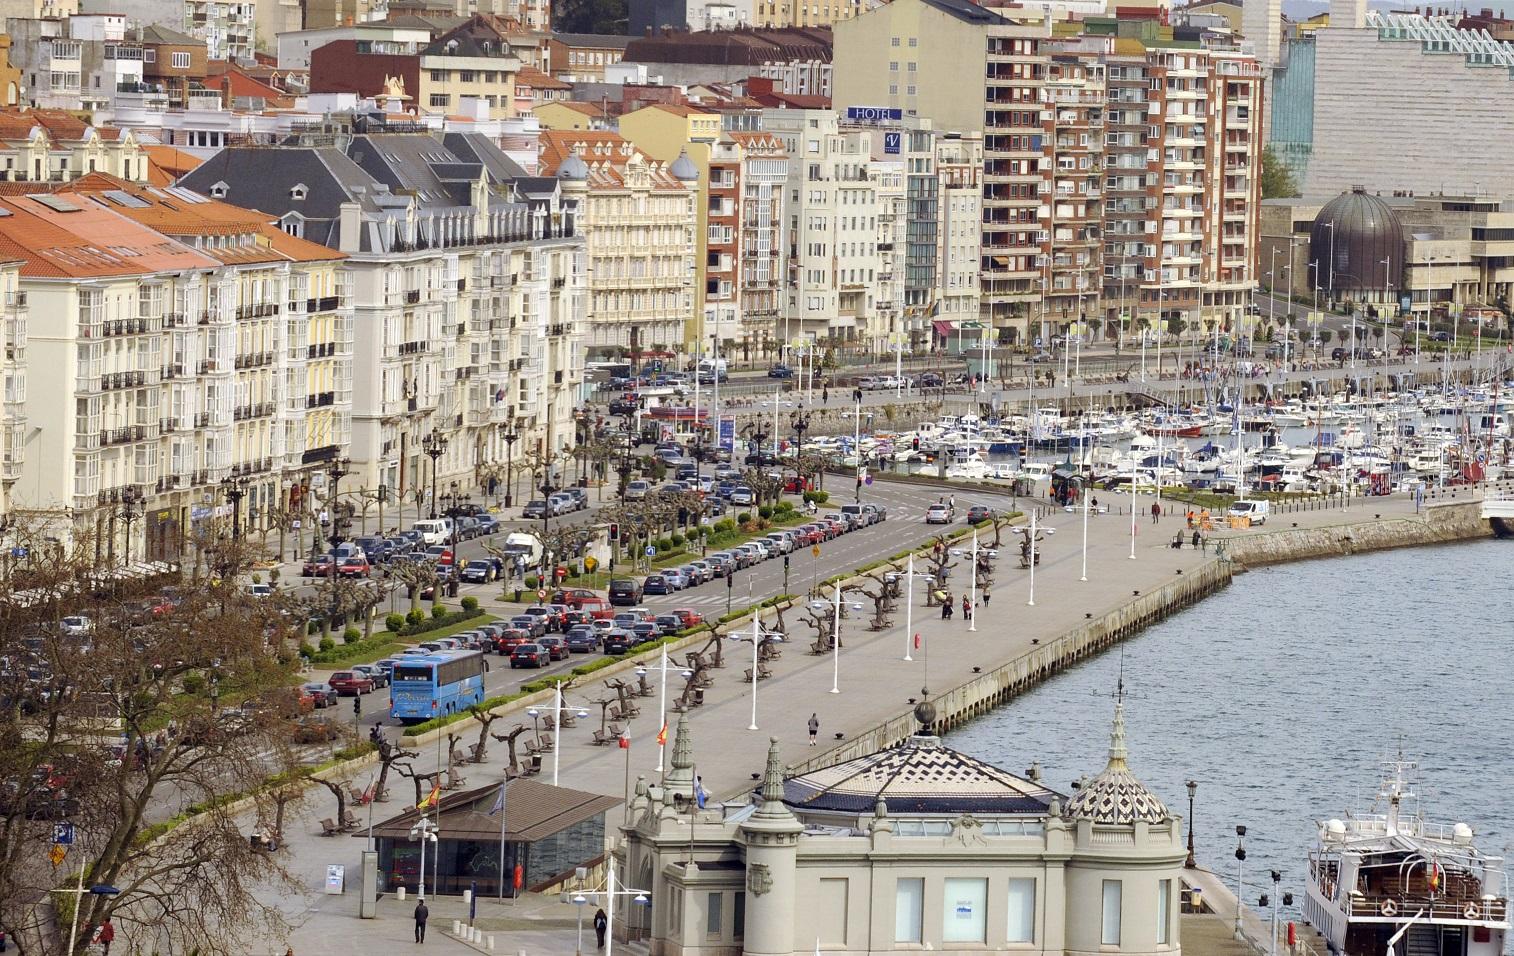 La capital cántabra es una de las ciudades costeras más bellas de la España Verde.